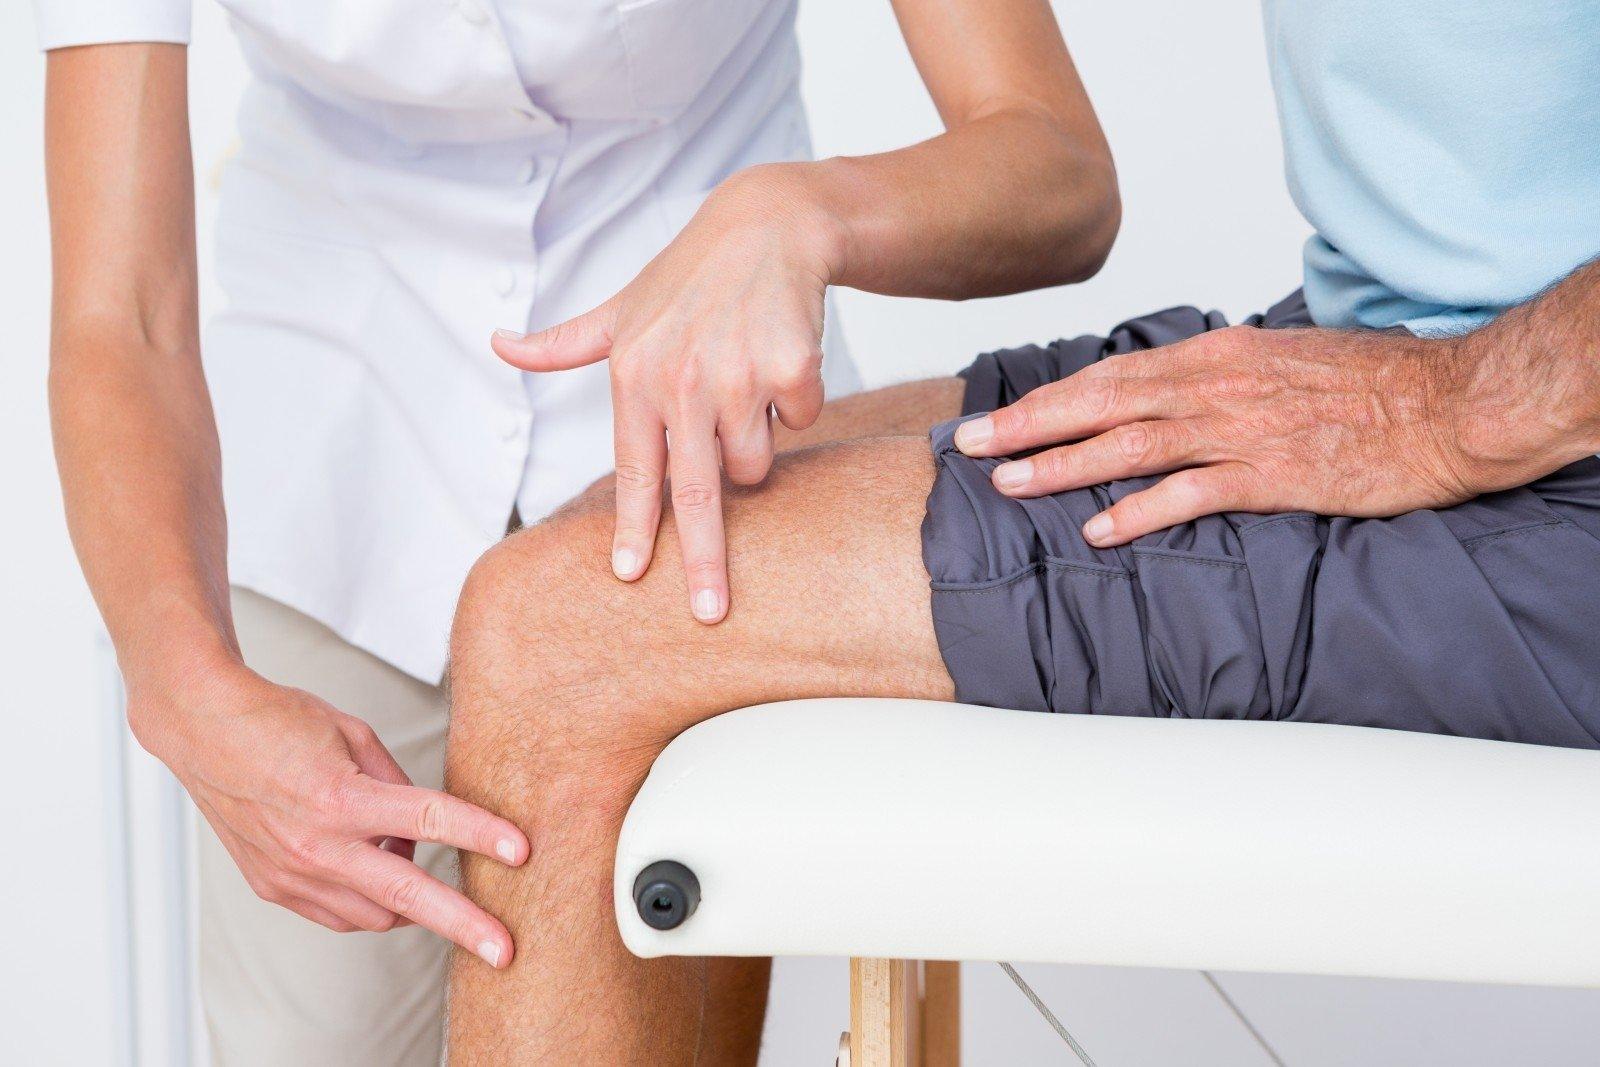 artrozė iš alkūnės sąnario gydymas tablečių osteochondrozė iš alkūnės sąnario liaudies gynimo priemones